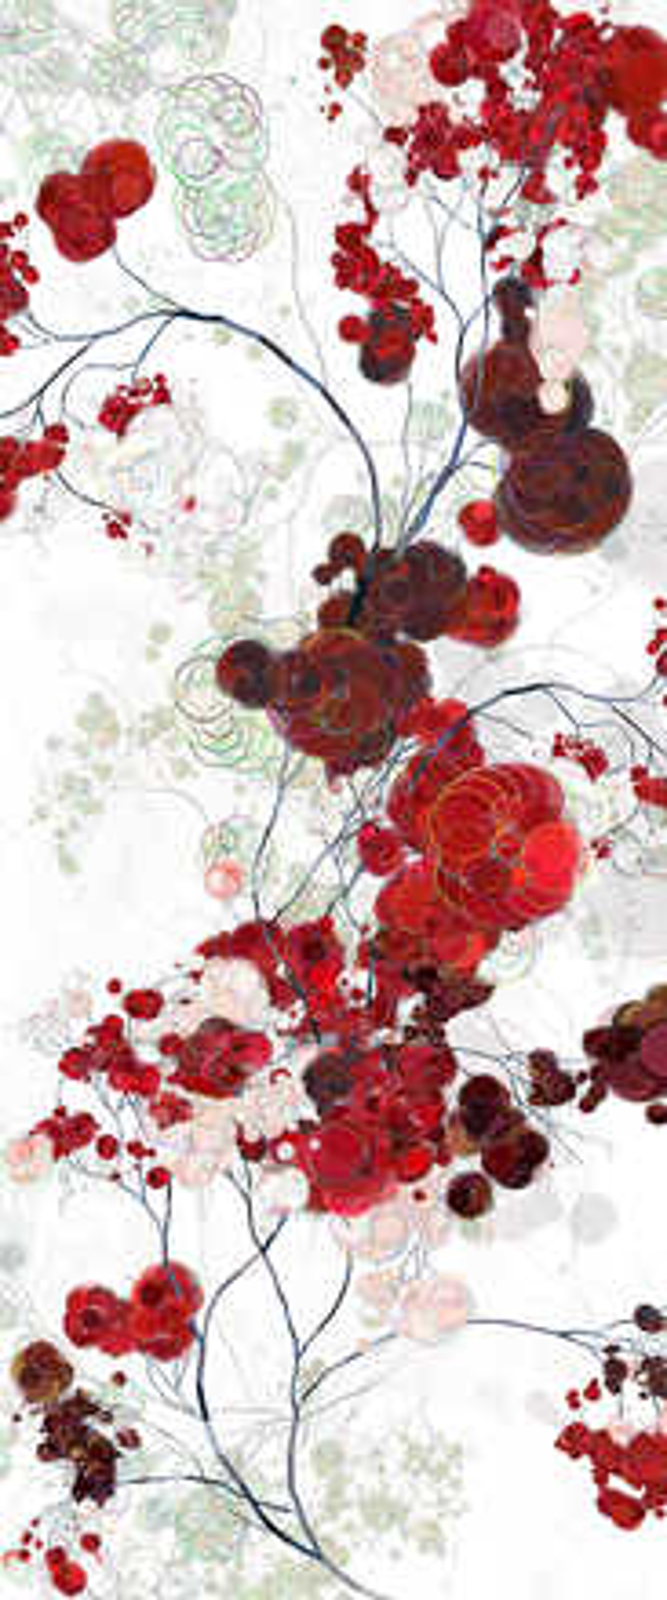 Run into Roses I - Holger Lippmann